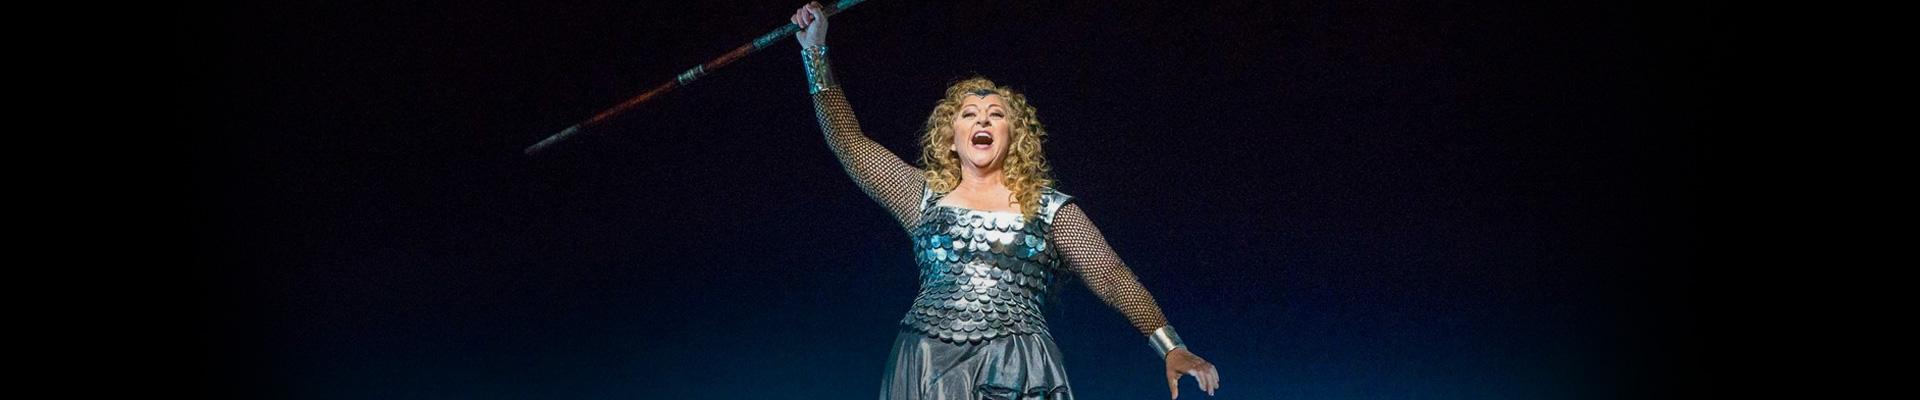 Nightly Opera Stream Die Walküre